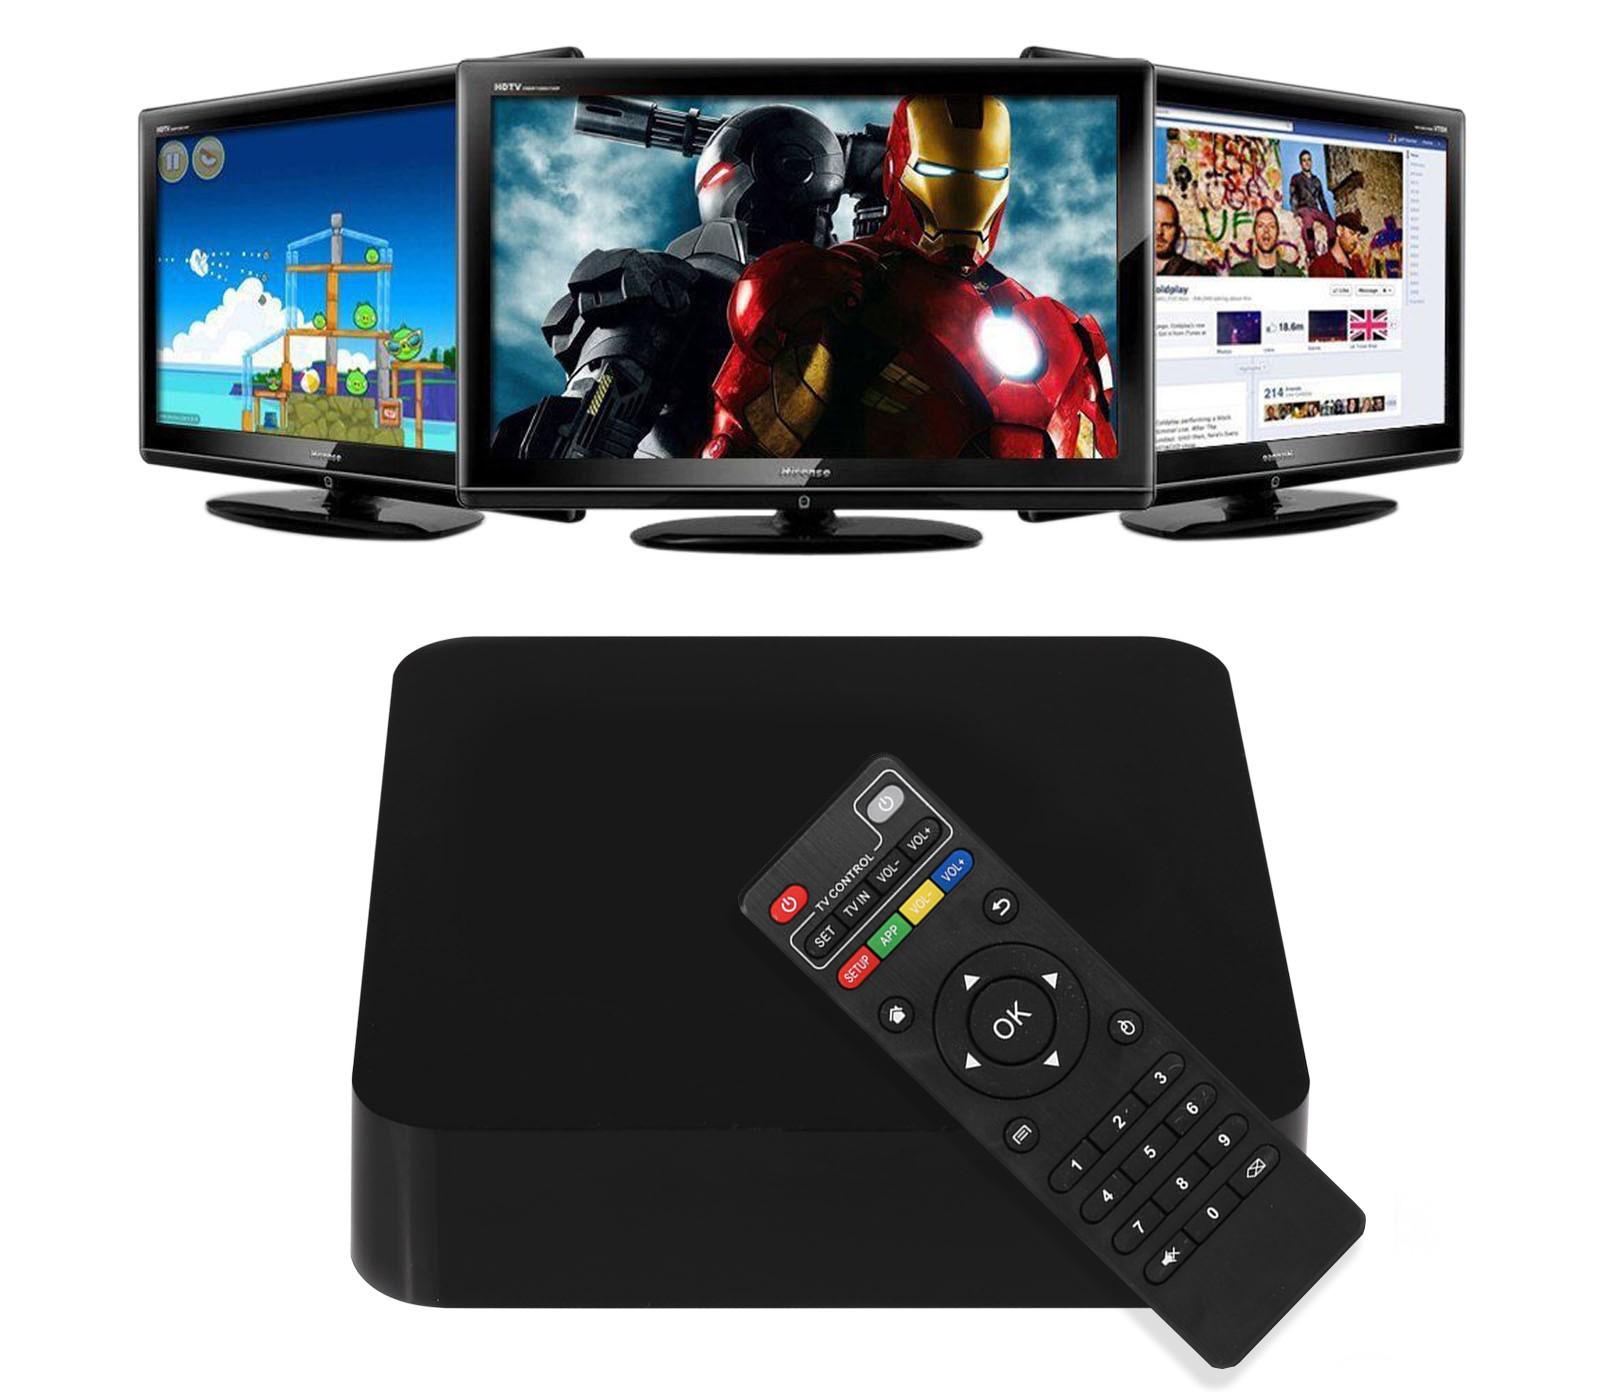 4 Keuntungan Menjual Chipset IP TV